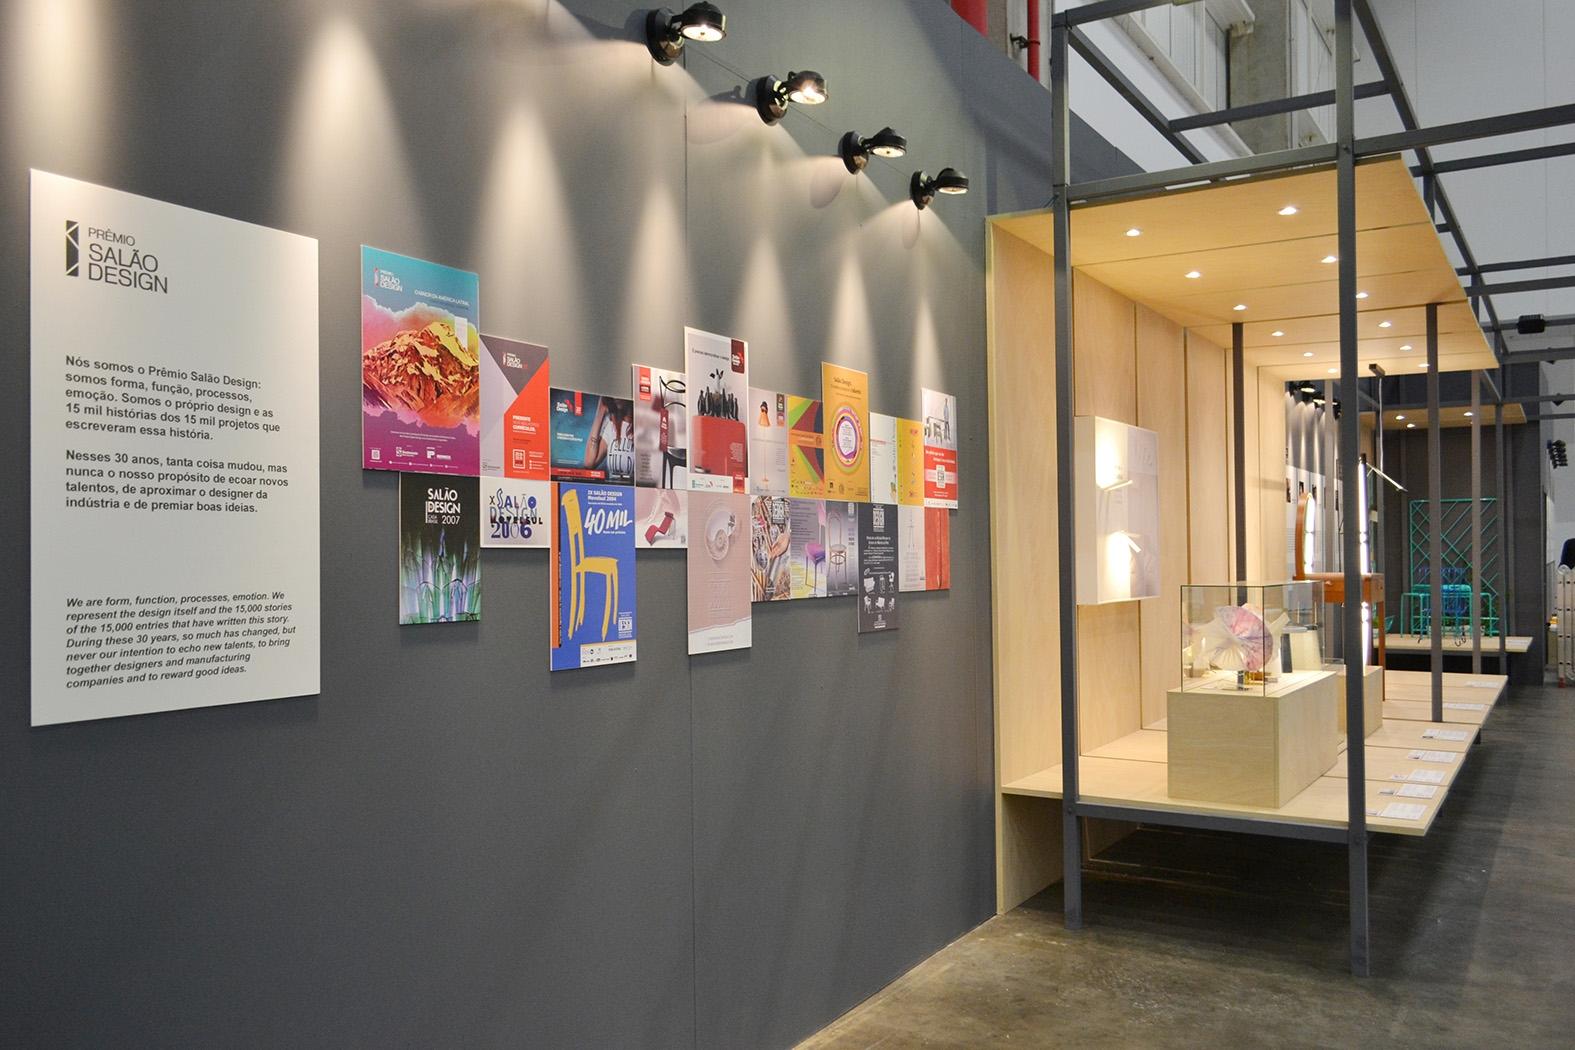 High Design Expo começa nesta quarta com mostra do Prêmio Salão Design e rodadas de negócios do Projeto Raiz